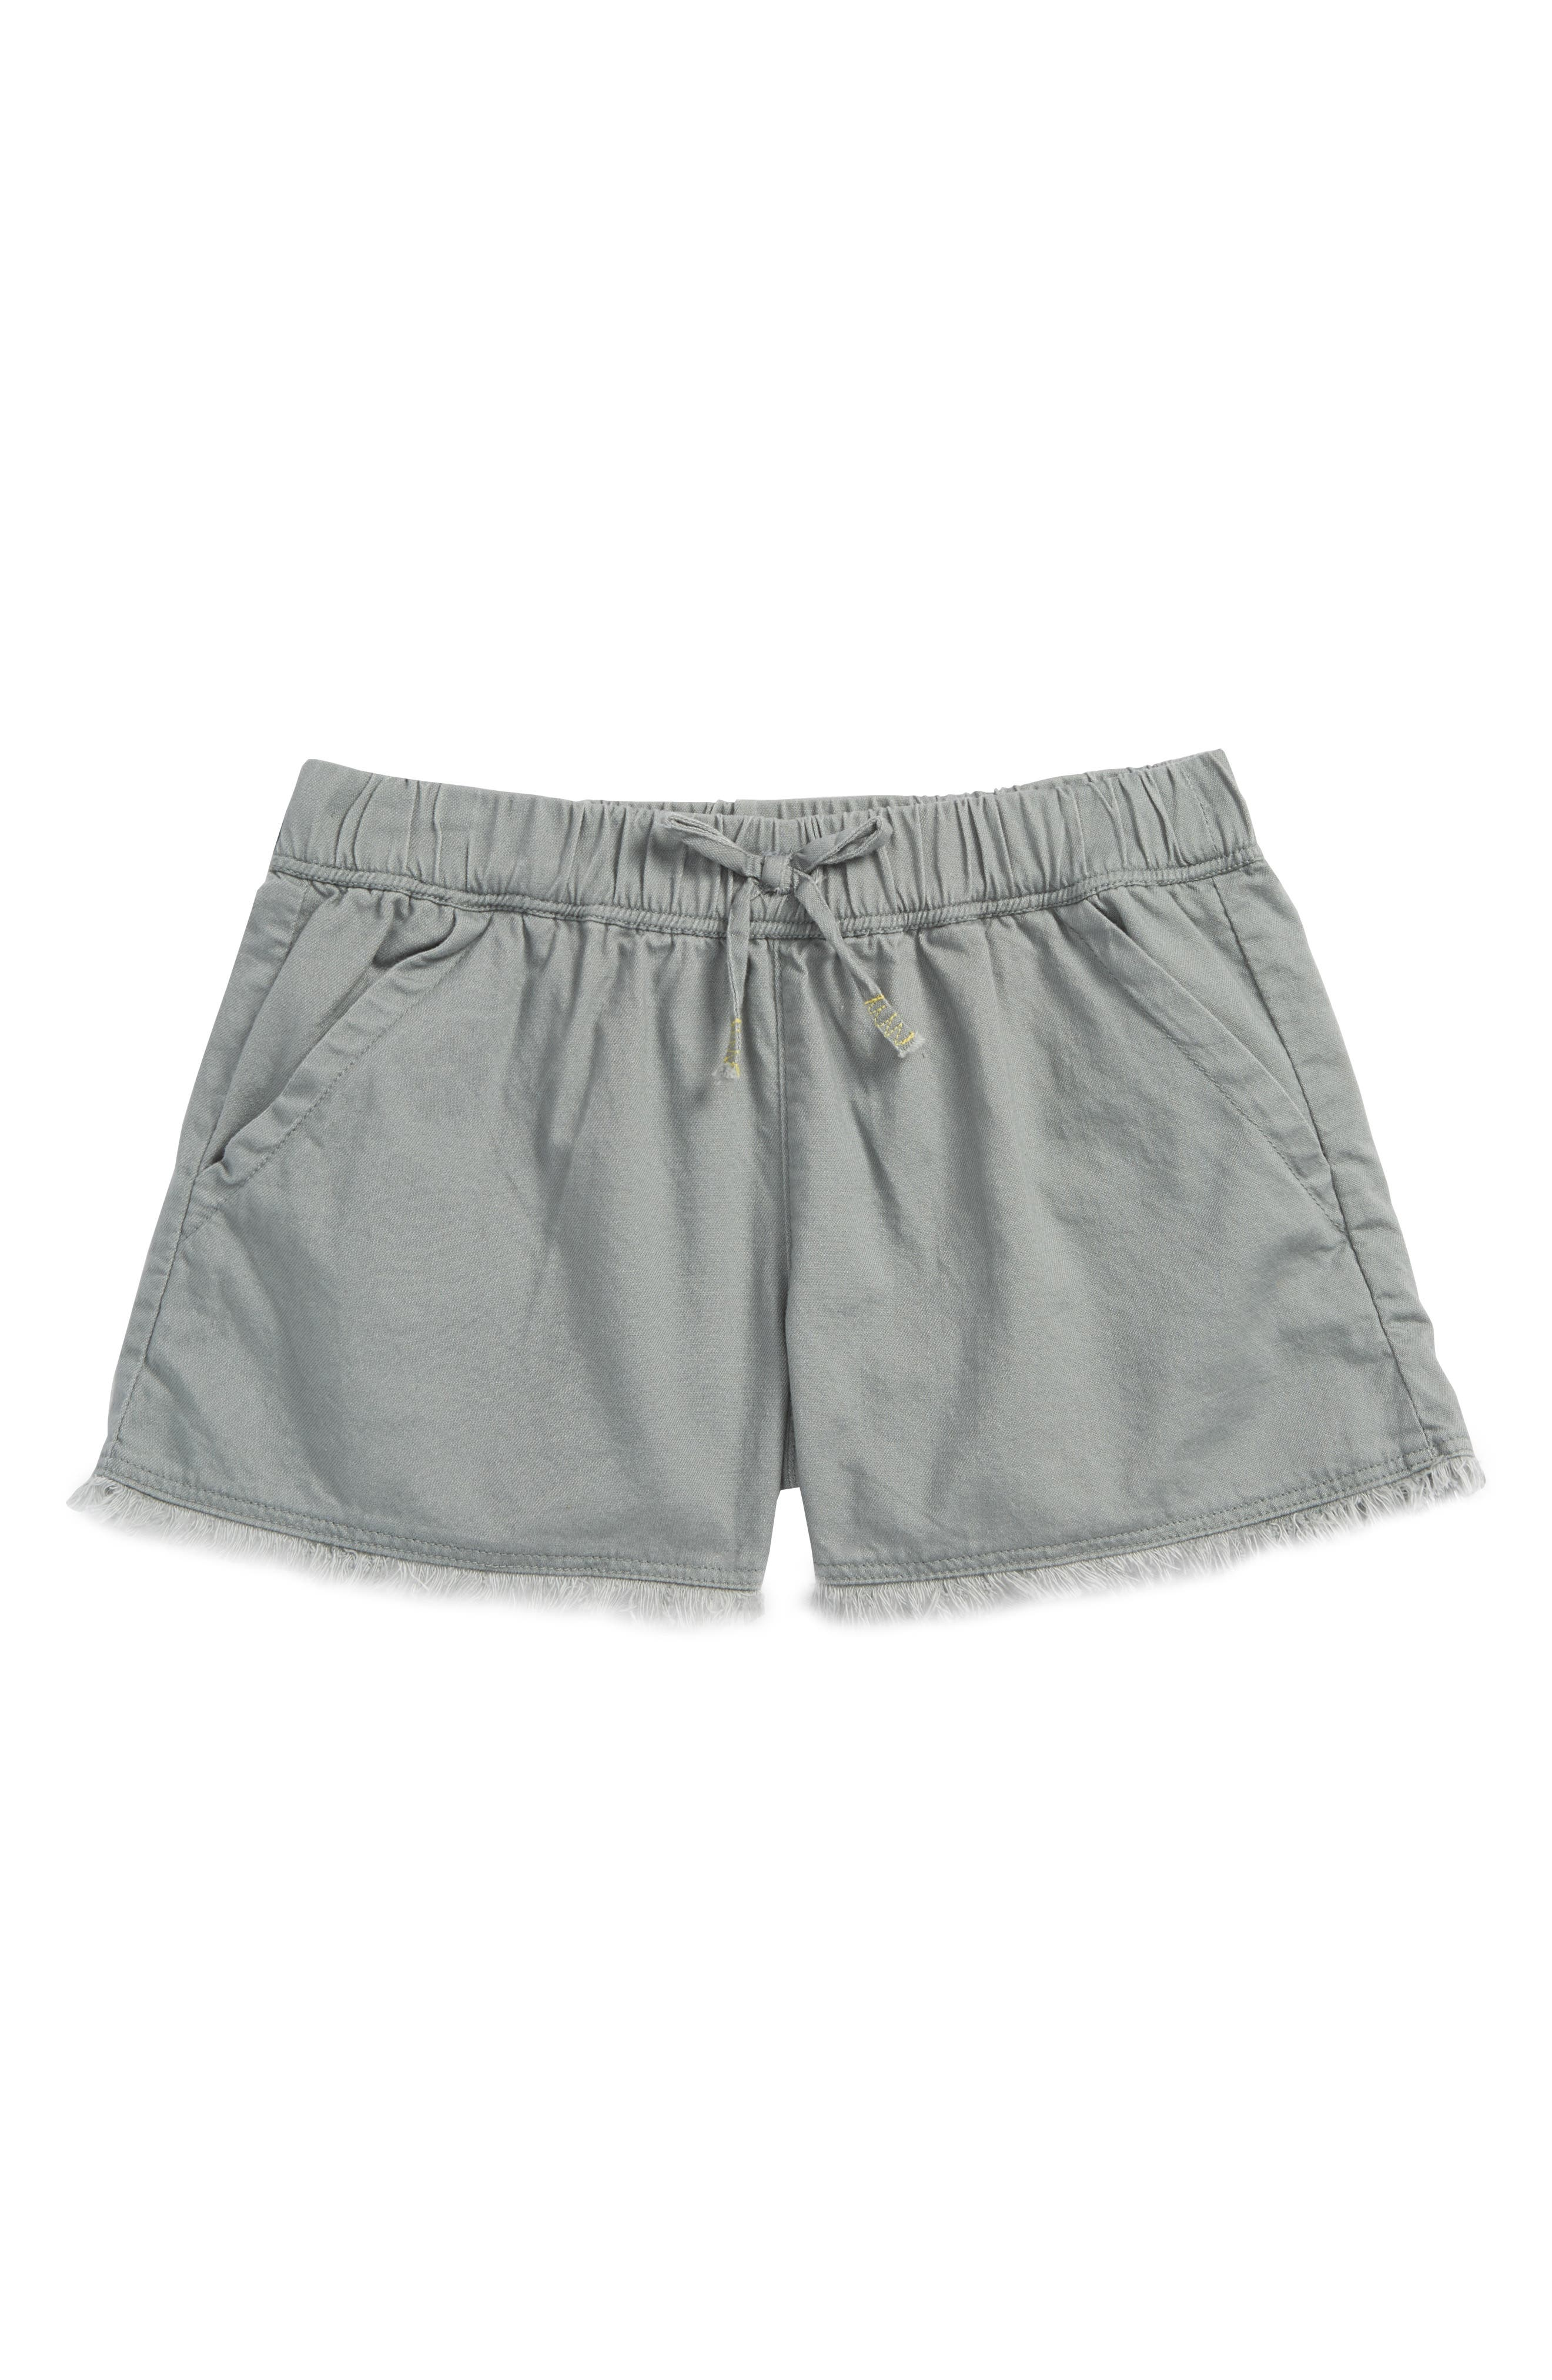 Twill Shorts,                             Main thumbnail 1, color,                             250